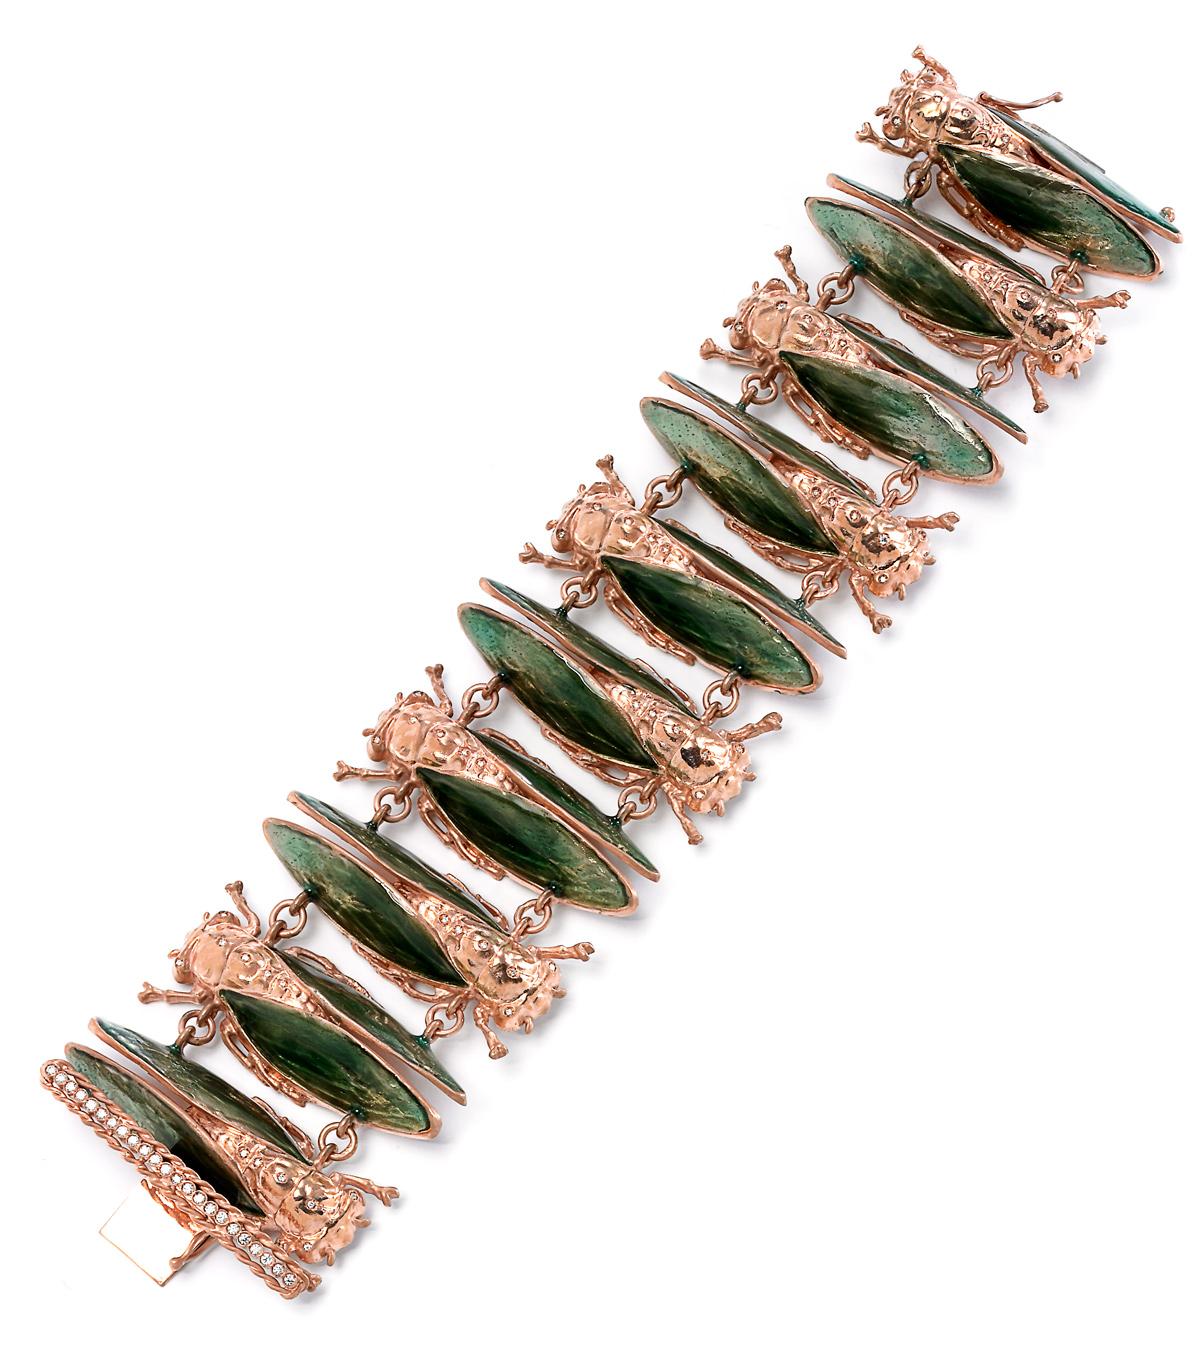 8-Imperial-moth-bracelet-925-pink-silver-diamonds-green-enamel_rid